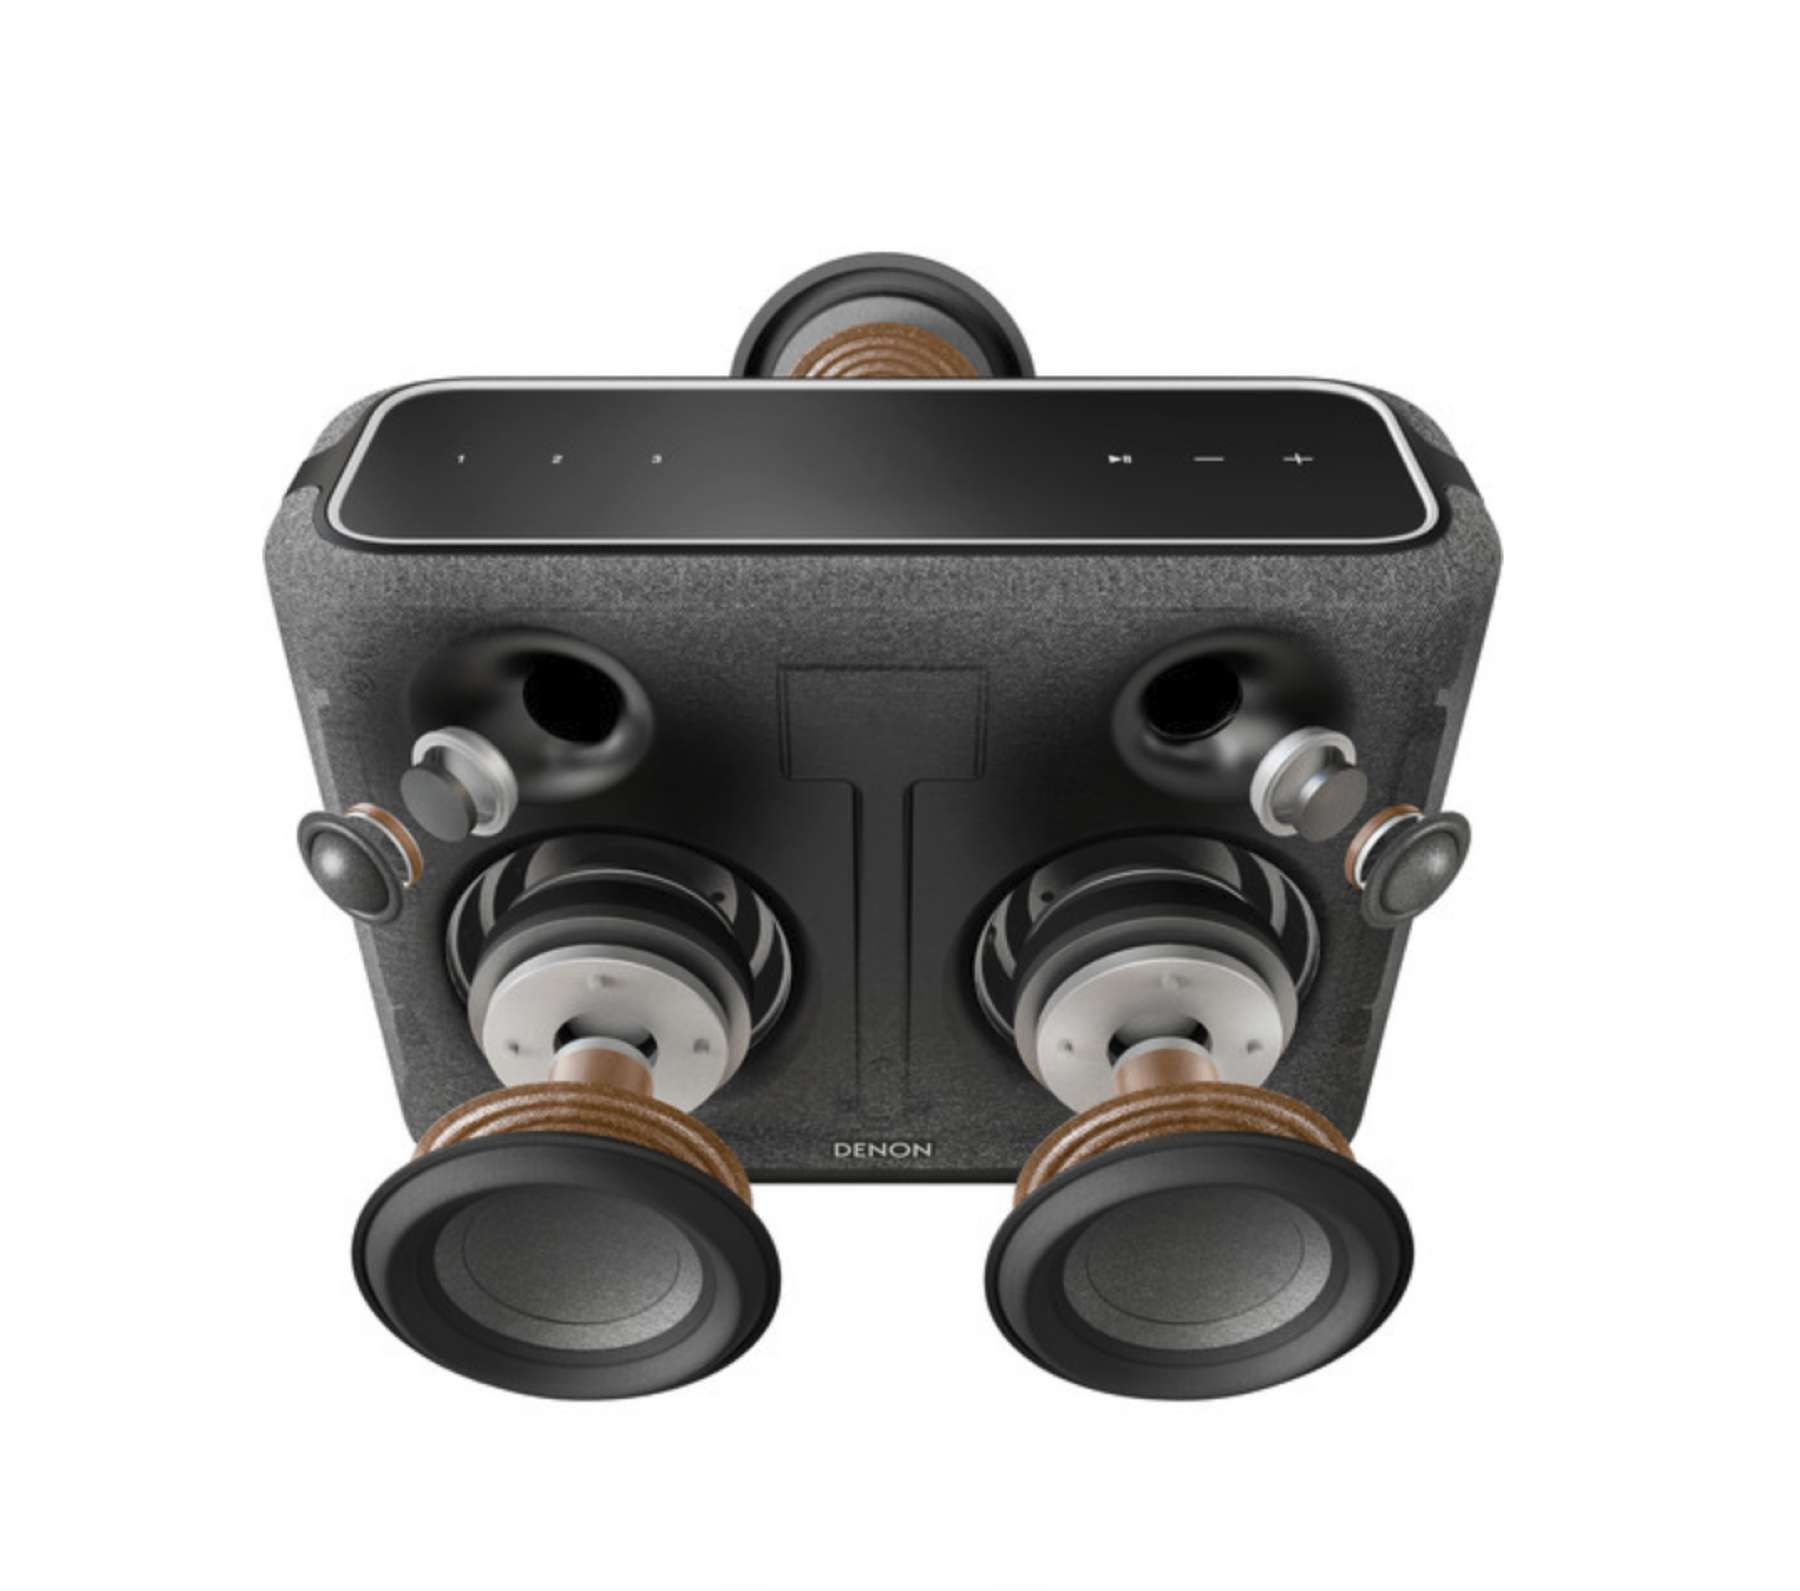 Denon Home 250 Wireless (Black)